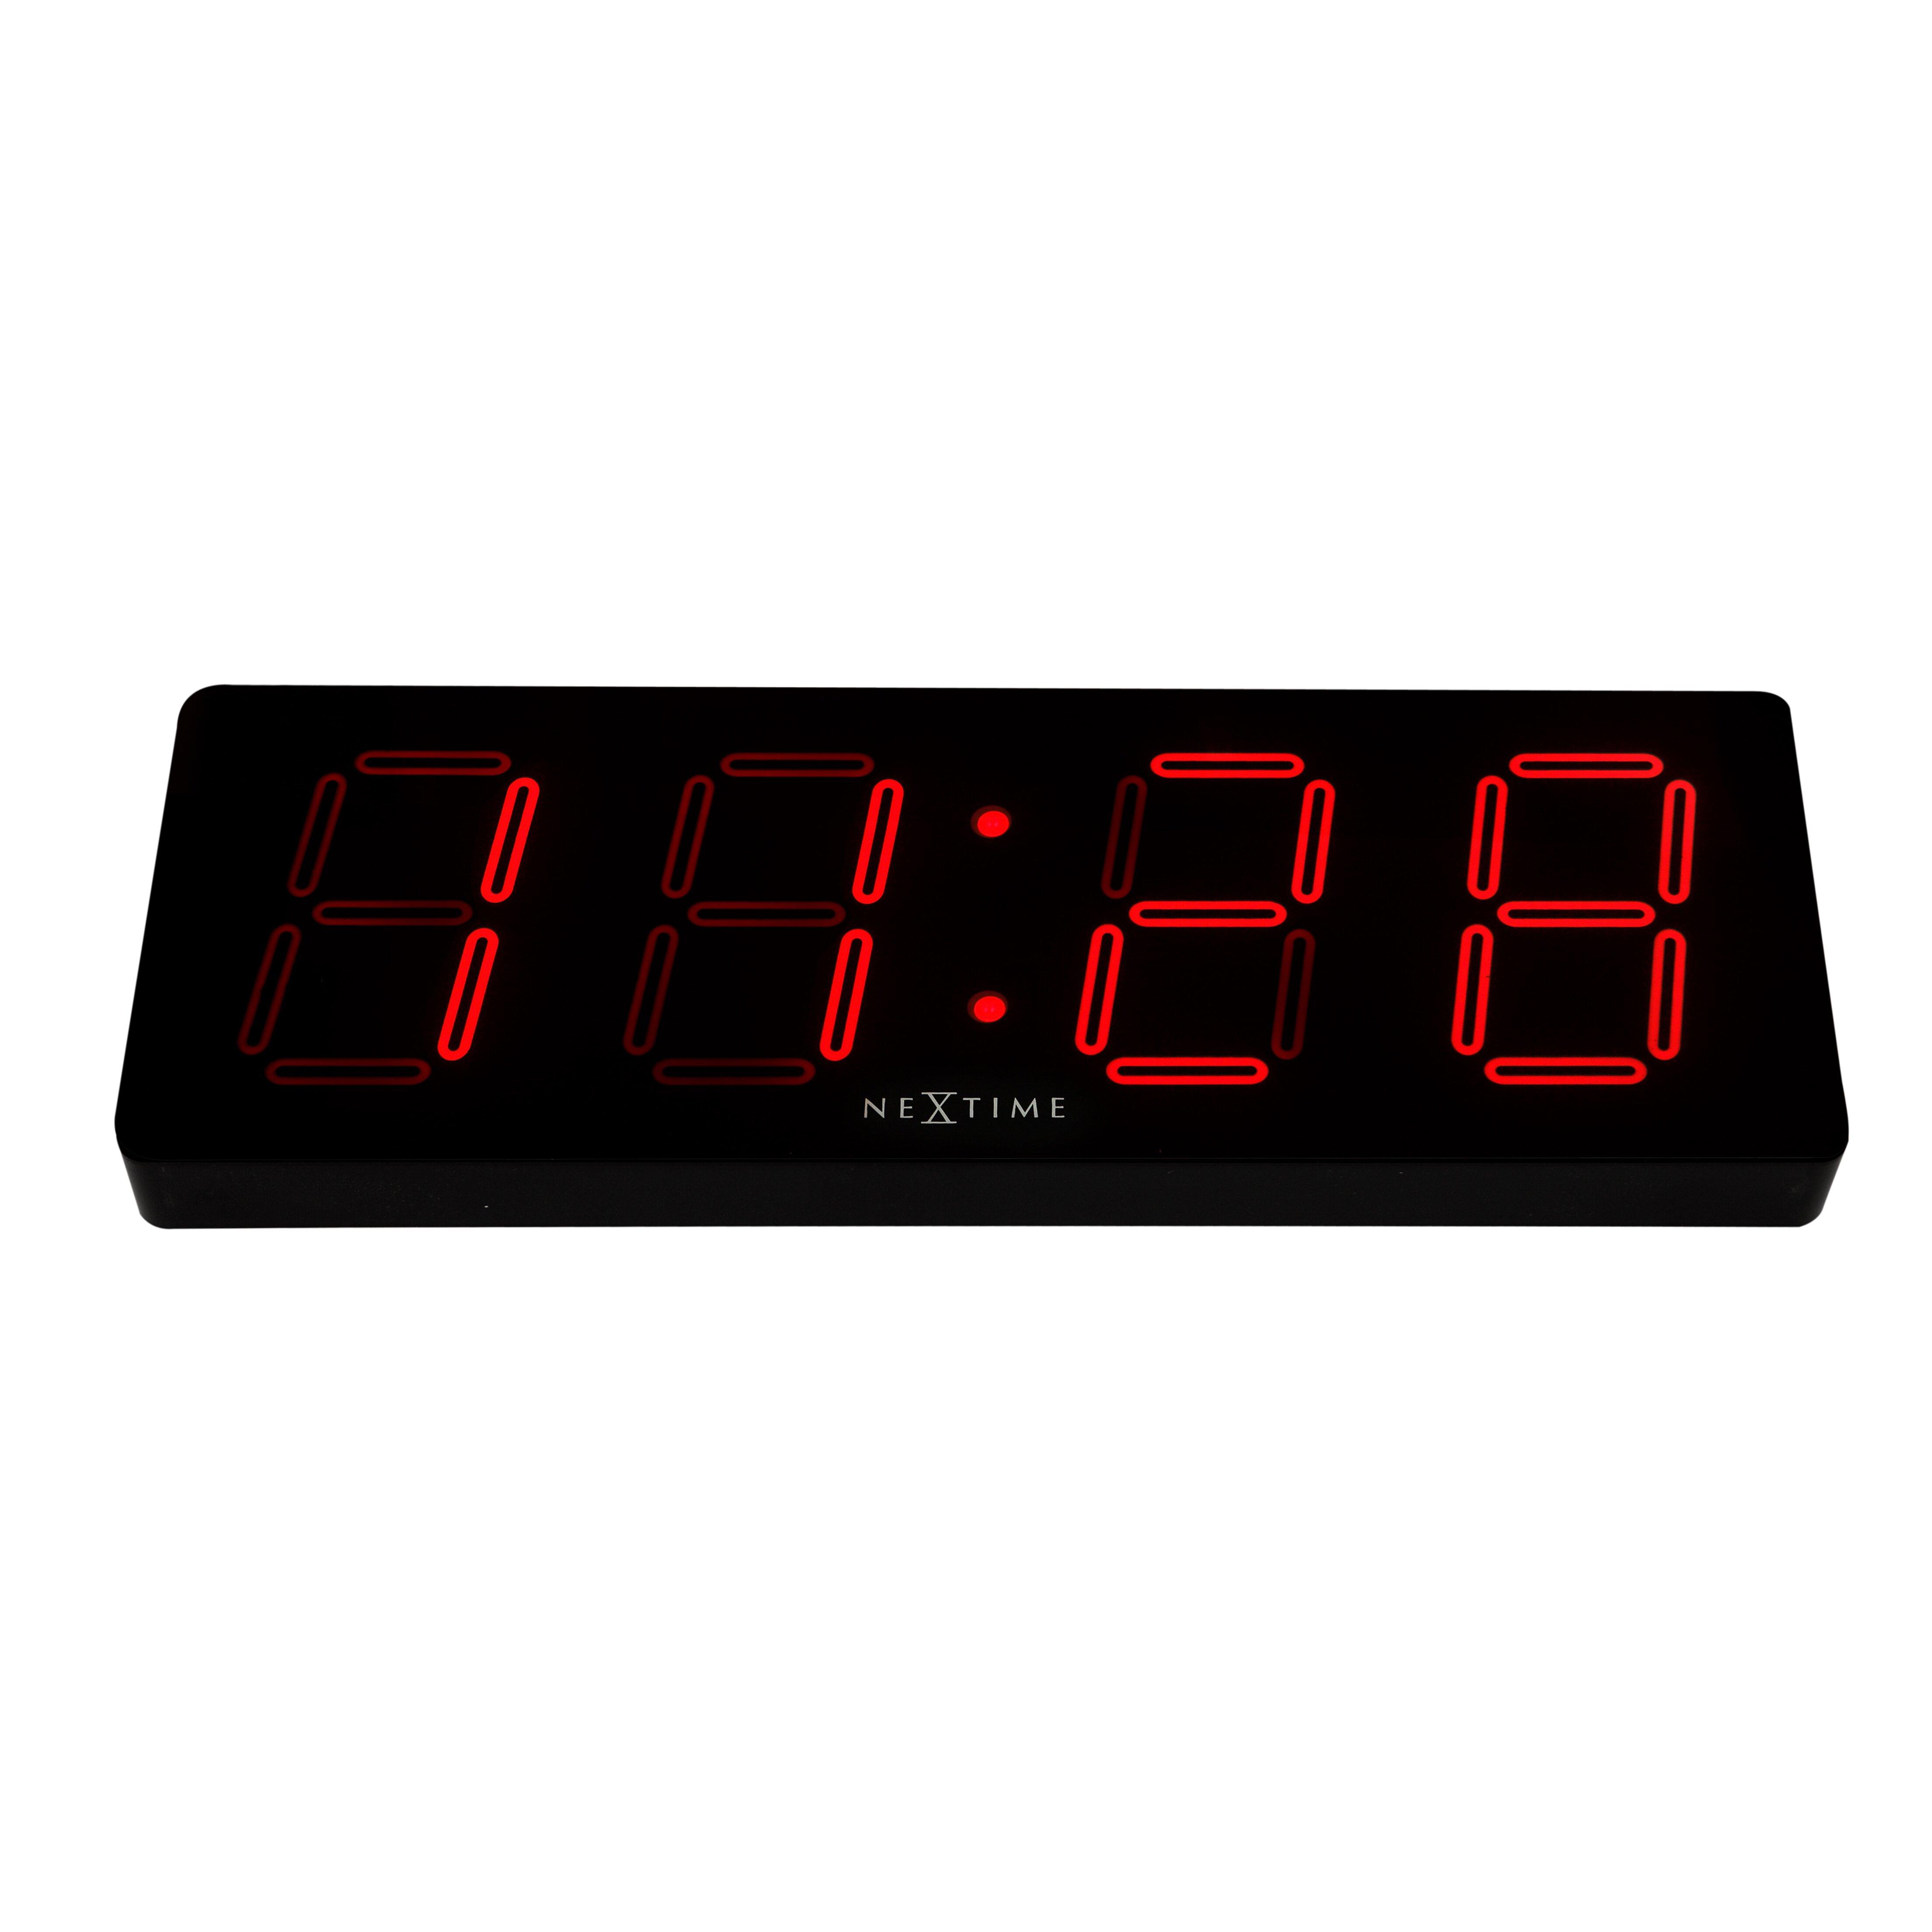 Nextime Unek Goods Digital Wall Clock